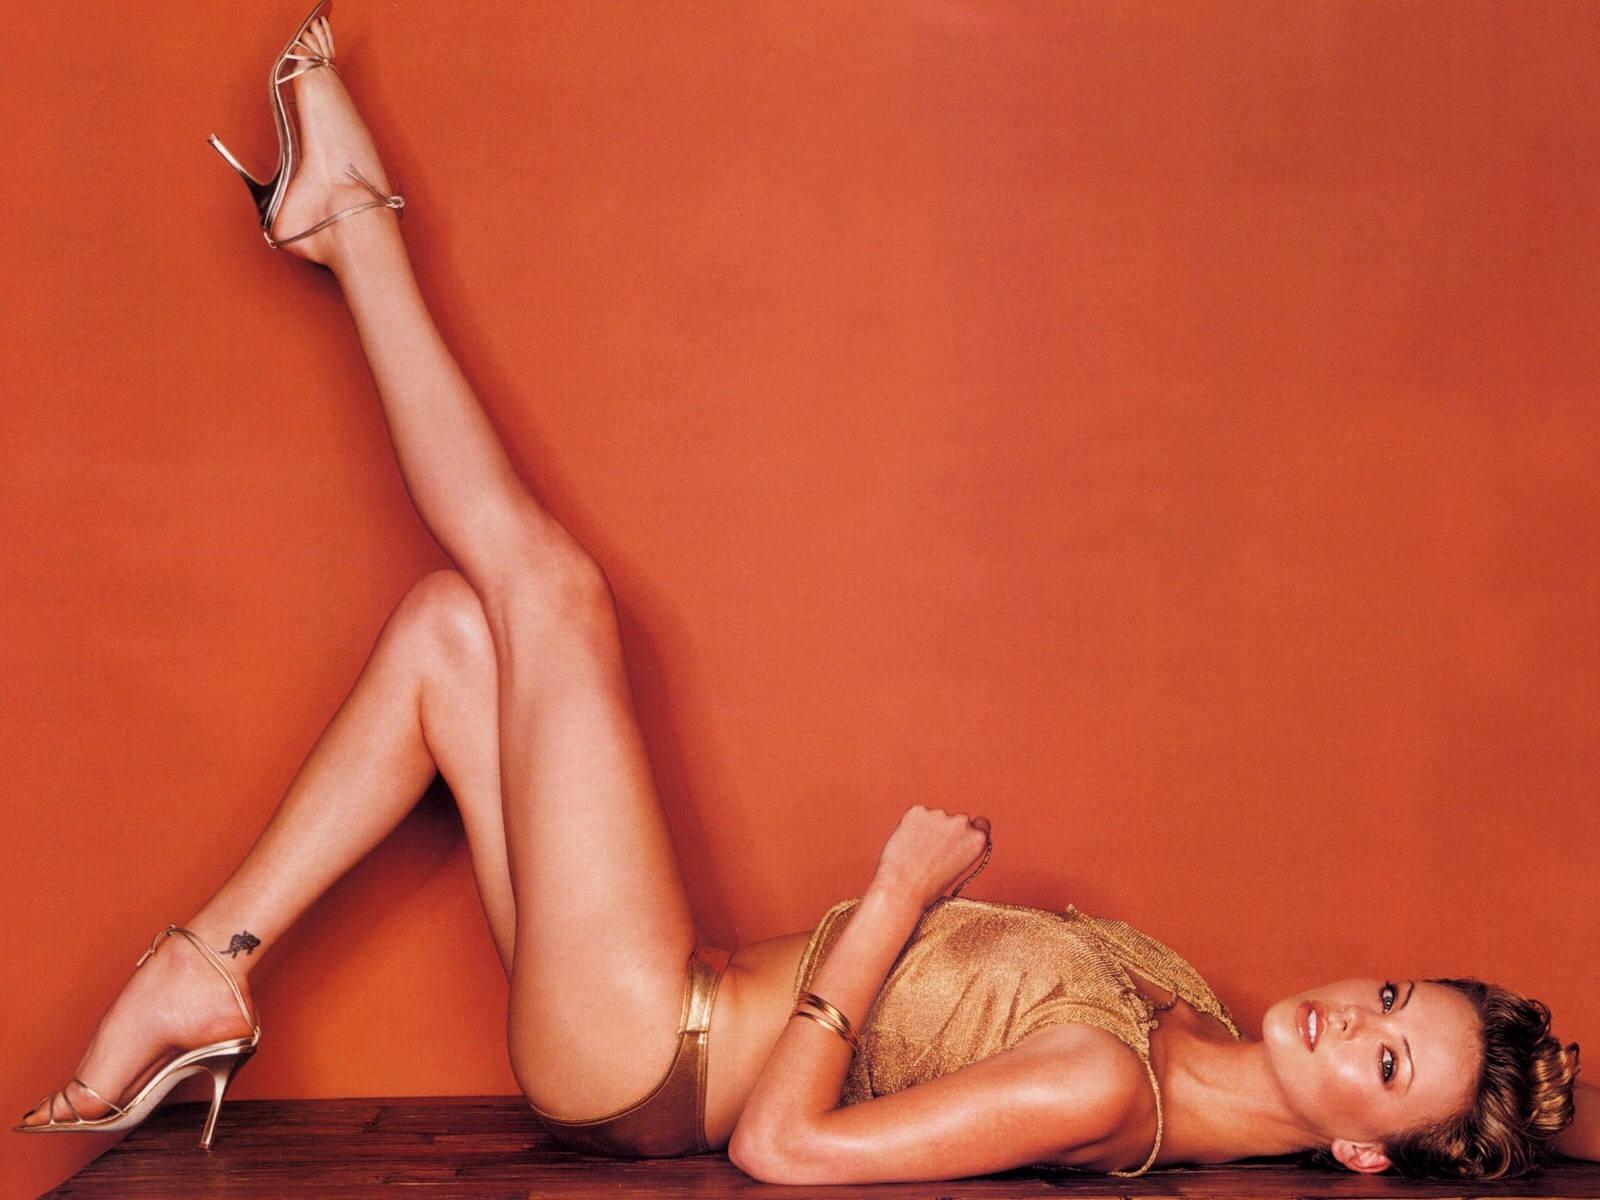 Wallpaper di Charlize Theron su fondo arancio